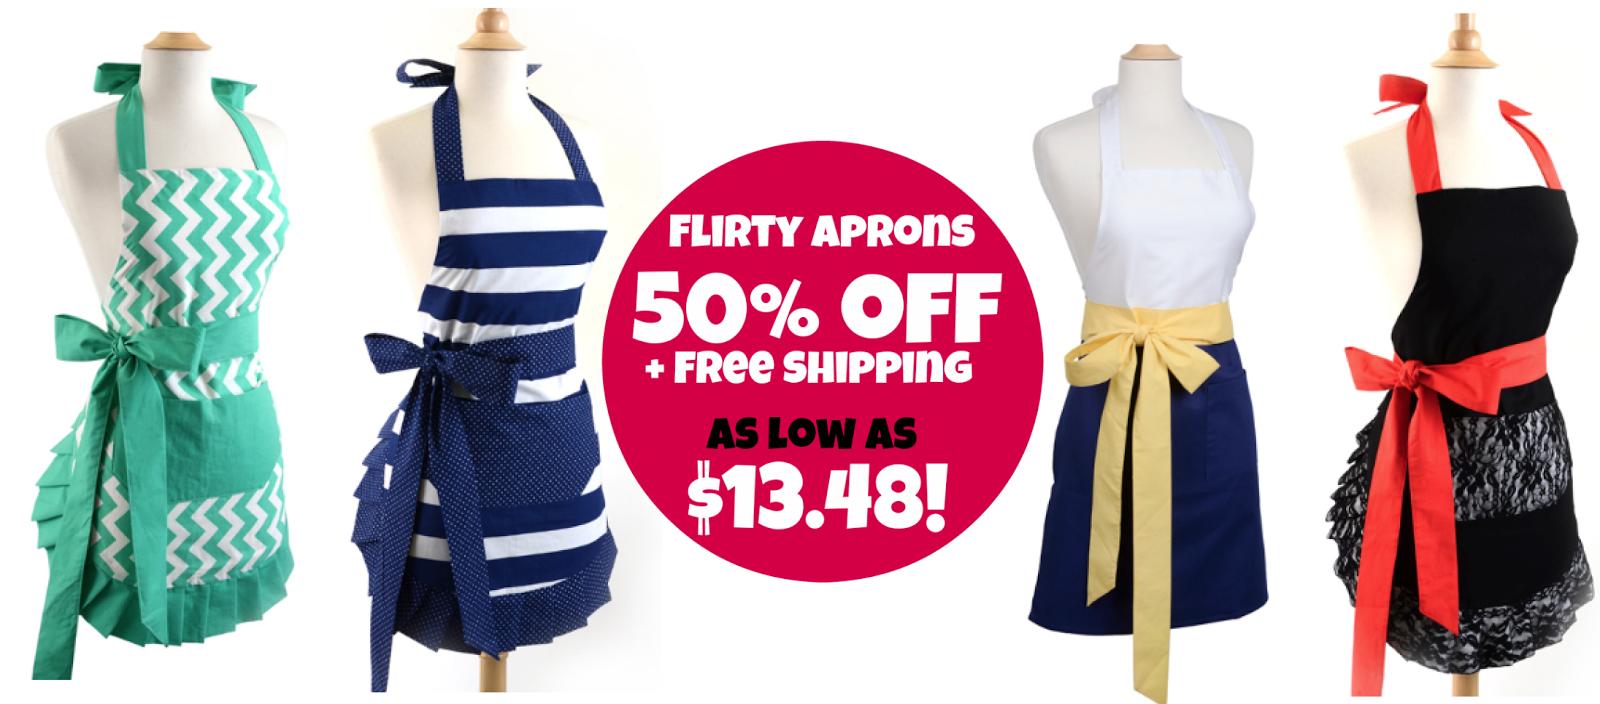 http://www.thebinderladies.com/2015/01/flirty-aprons-50-off-free-shipping.html#.VMvgWofduyM